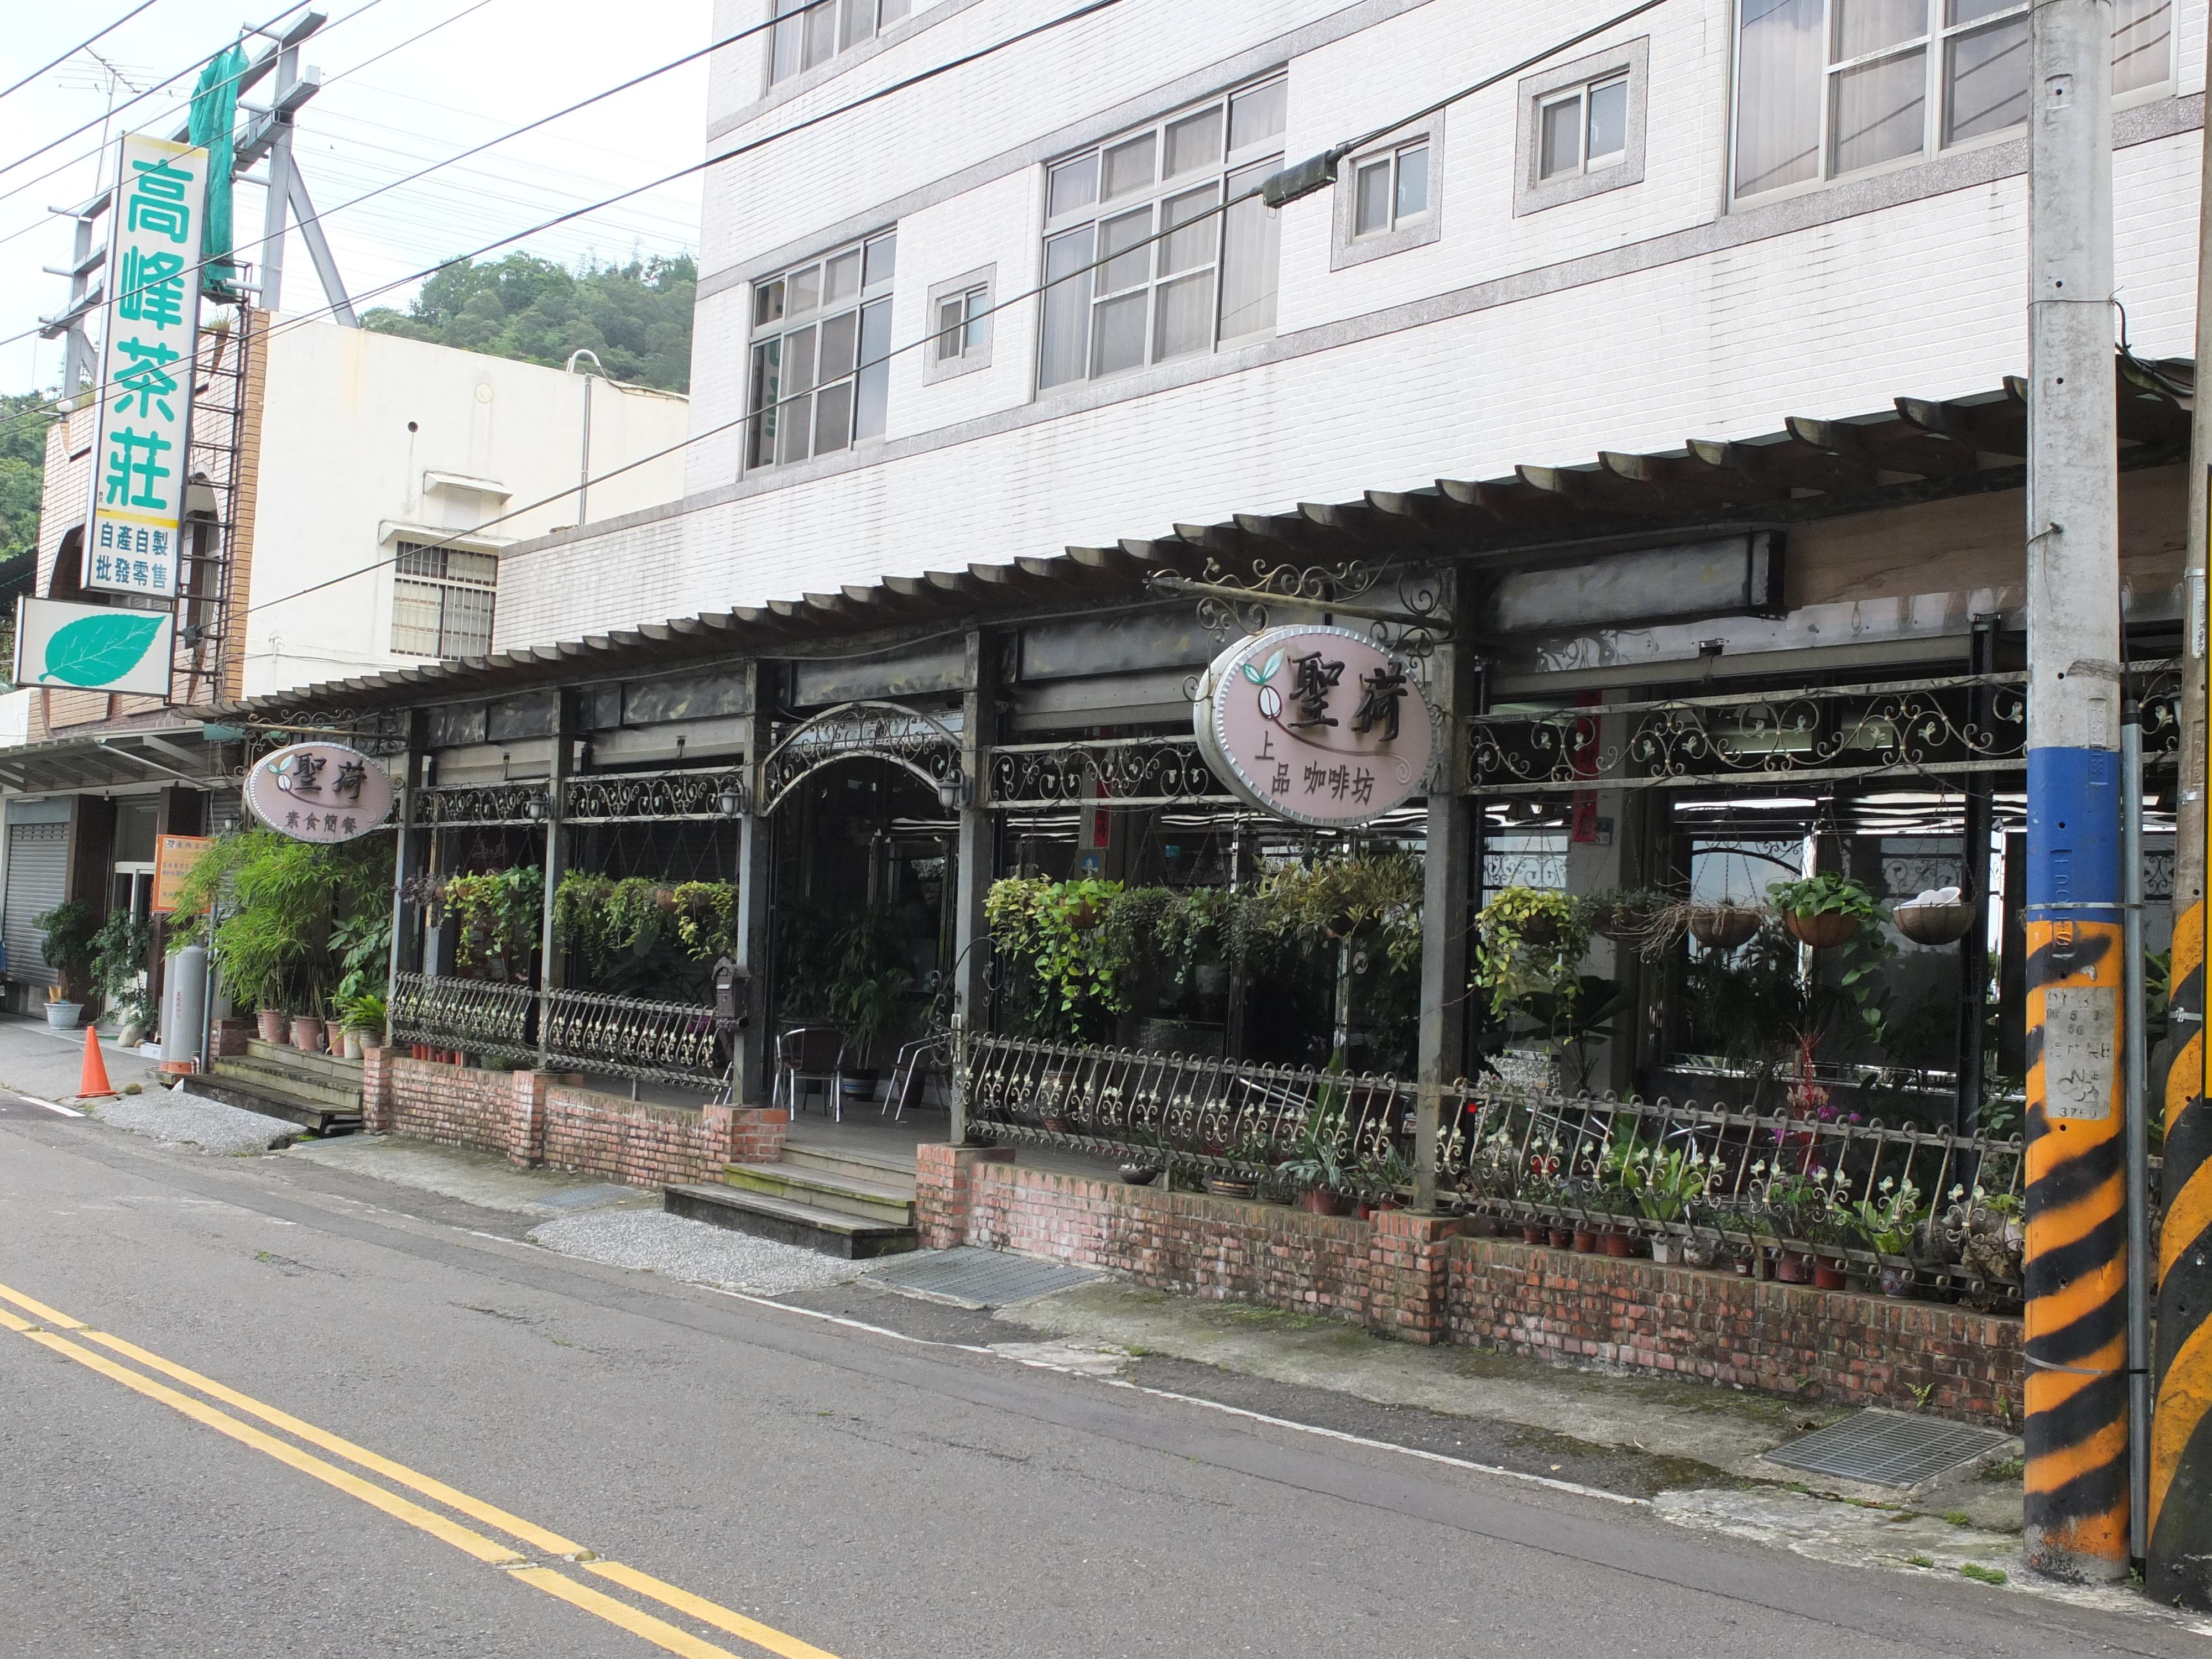 聖荷上品咖啡坊 -右側1